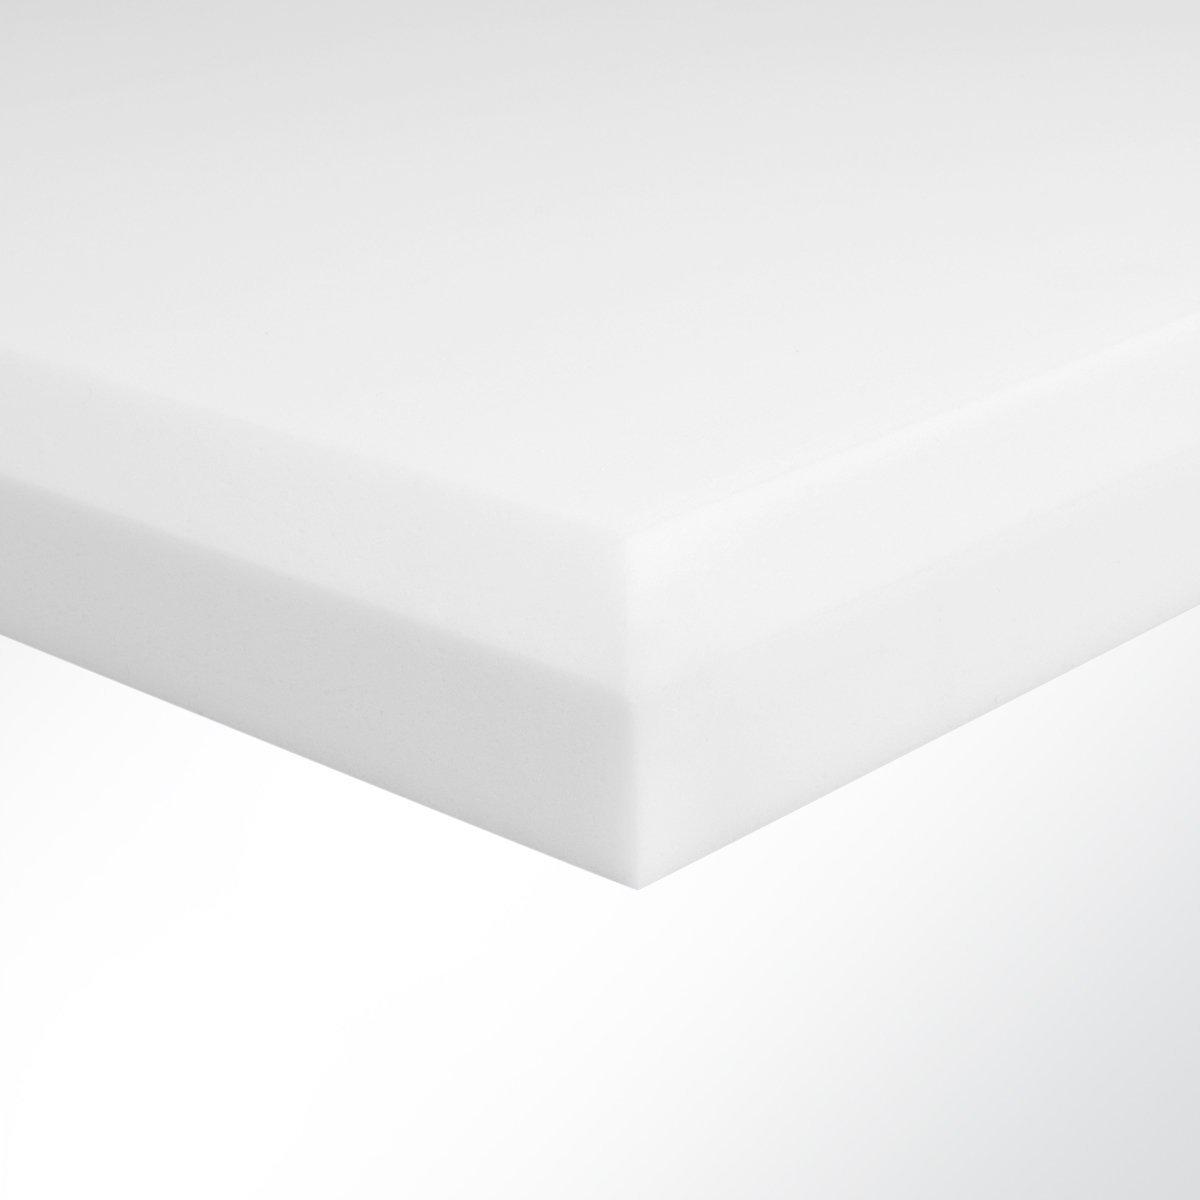 Basotect Schall-Absorber Decorschaumstoff G+ Melaminharz Schaum Schalldämmung Schallschutz Raumakustik 100x50x3cm Grau Basotect®